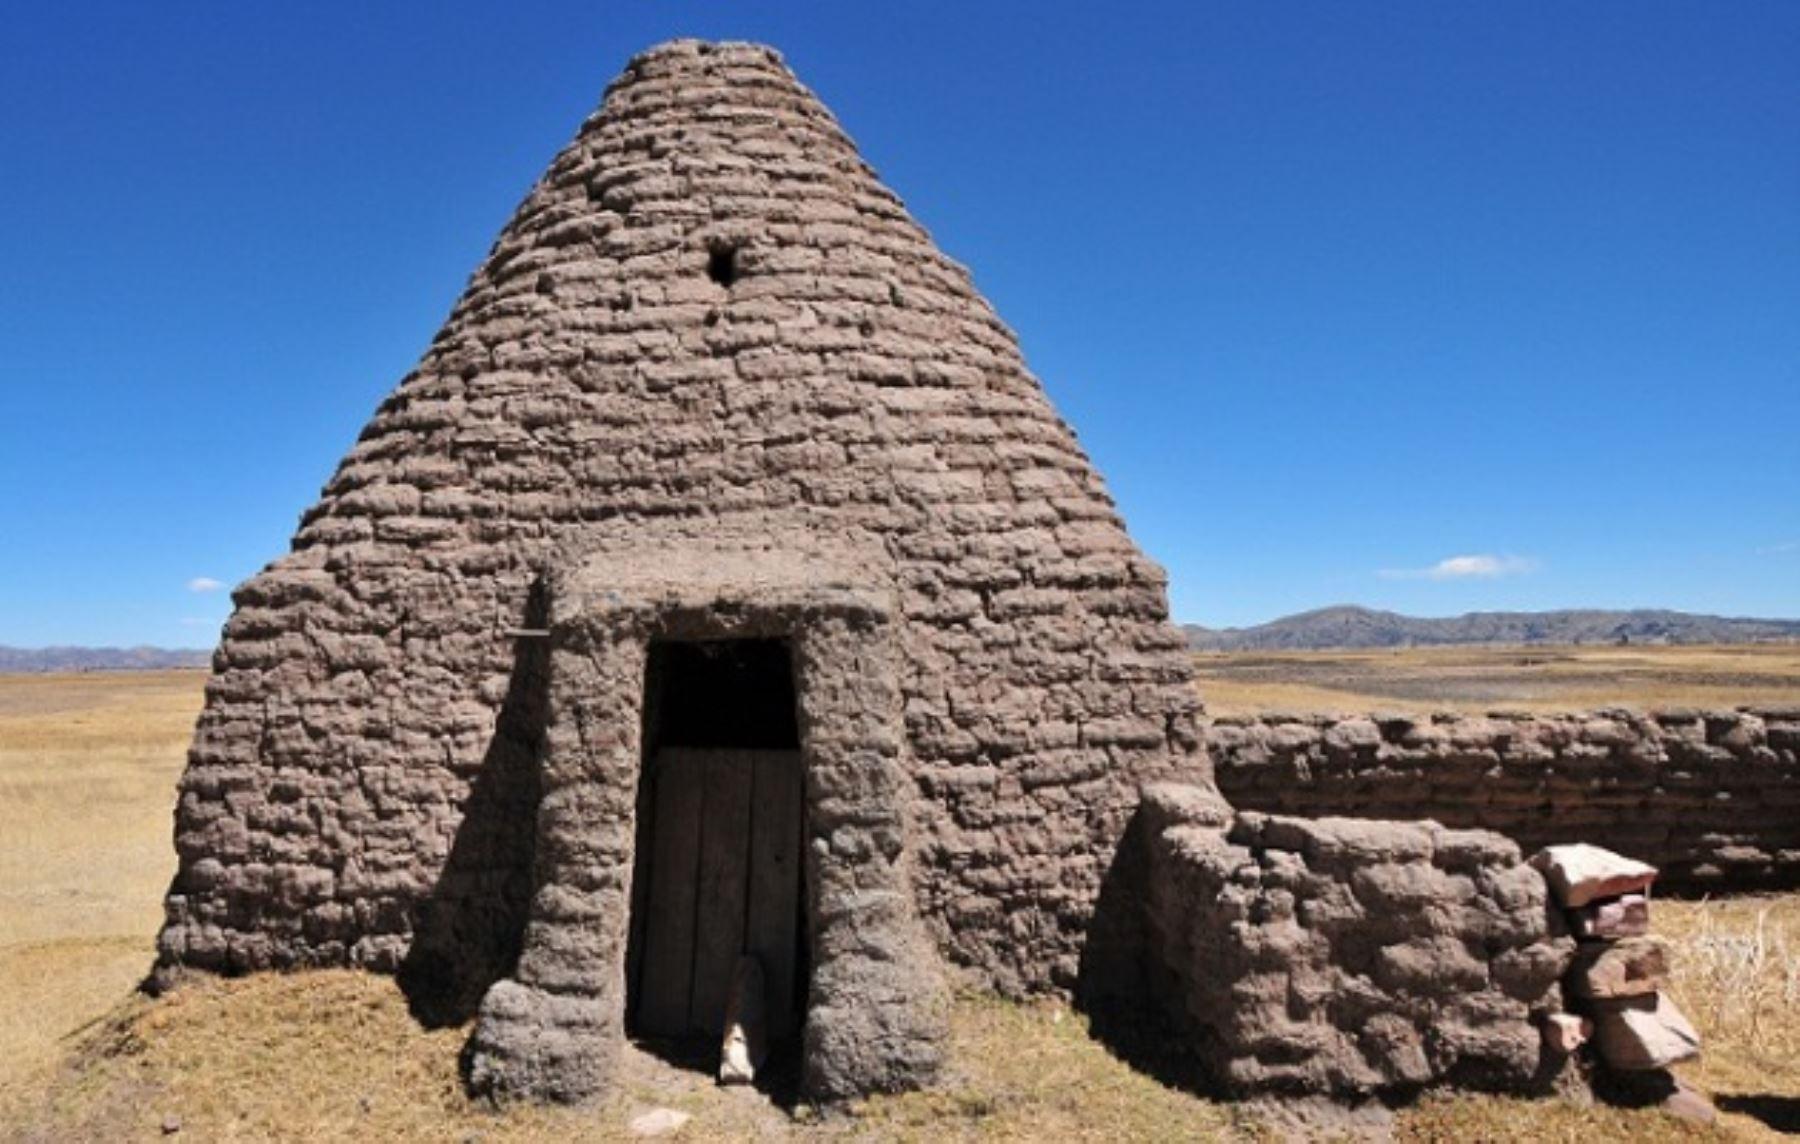 Putuco, vivienda tradicional del altiplano de Puno elaborada a base de bloques de barro y pasto, reconocida como Patrimonio Cultural de la Nación. Ministerio de Cultura